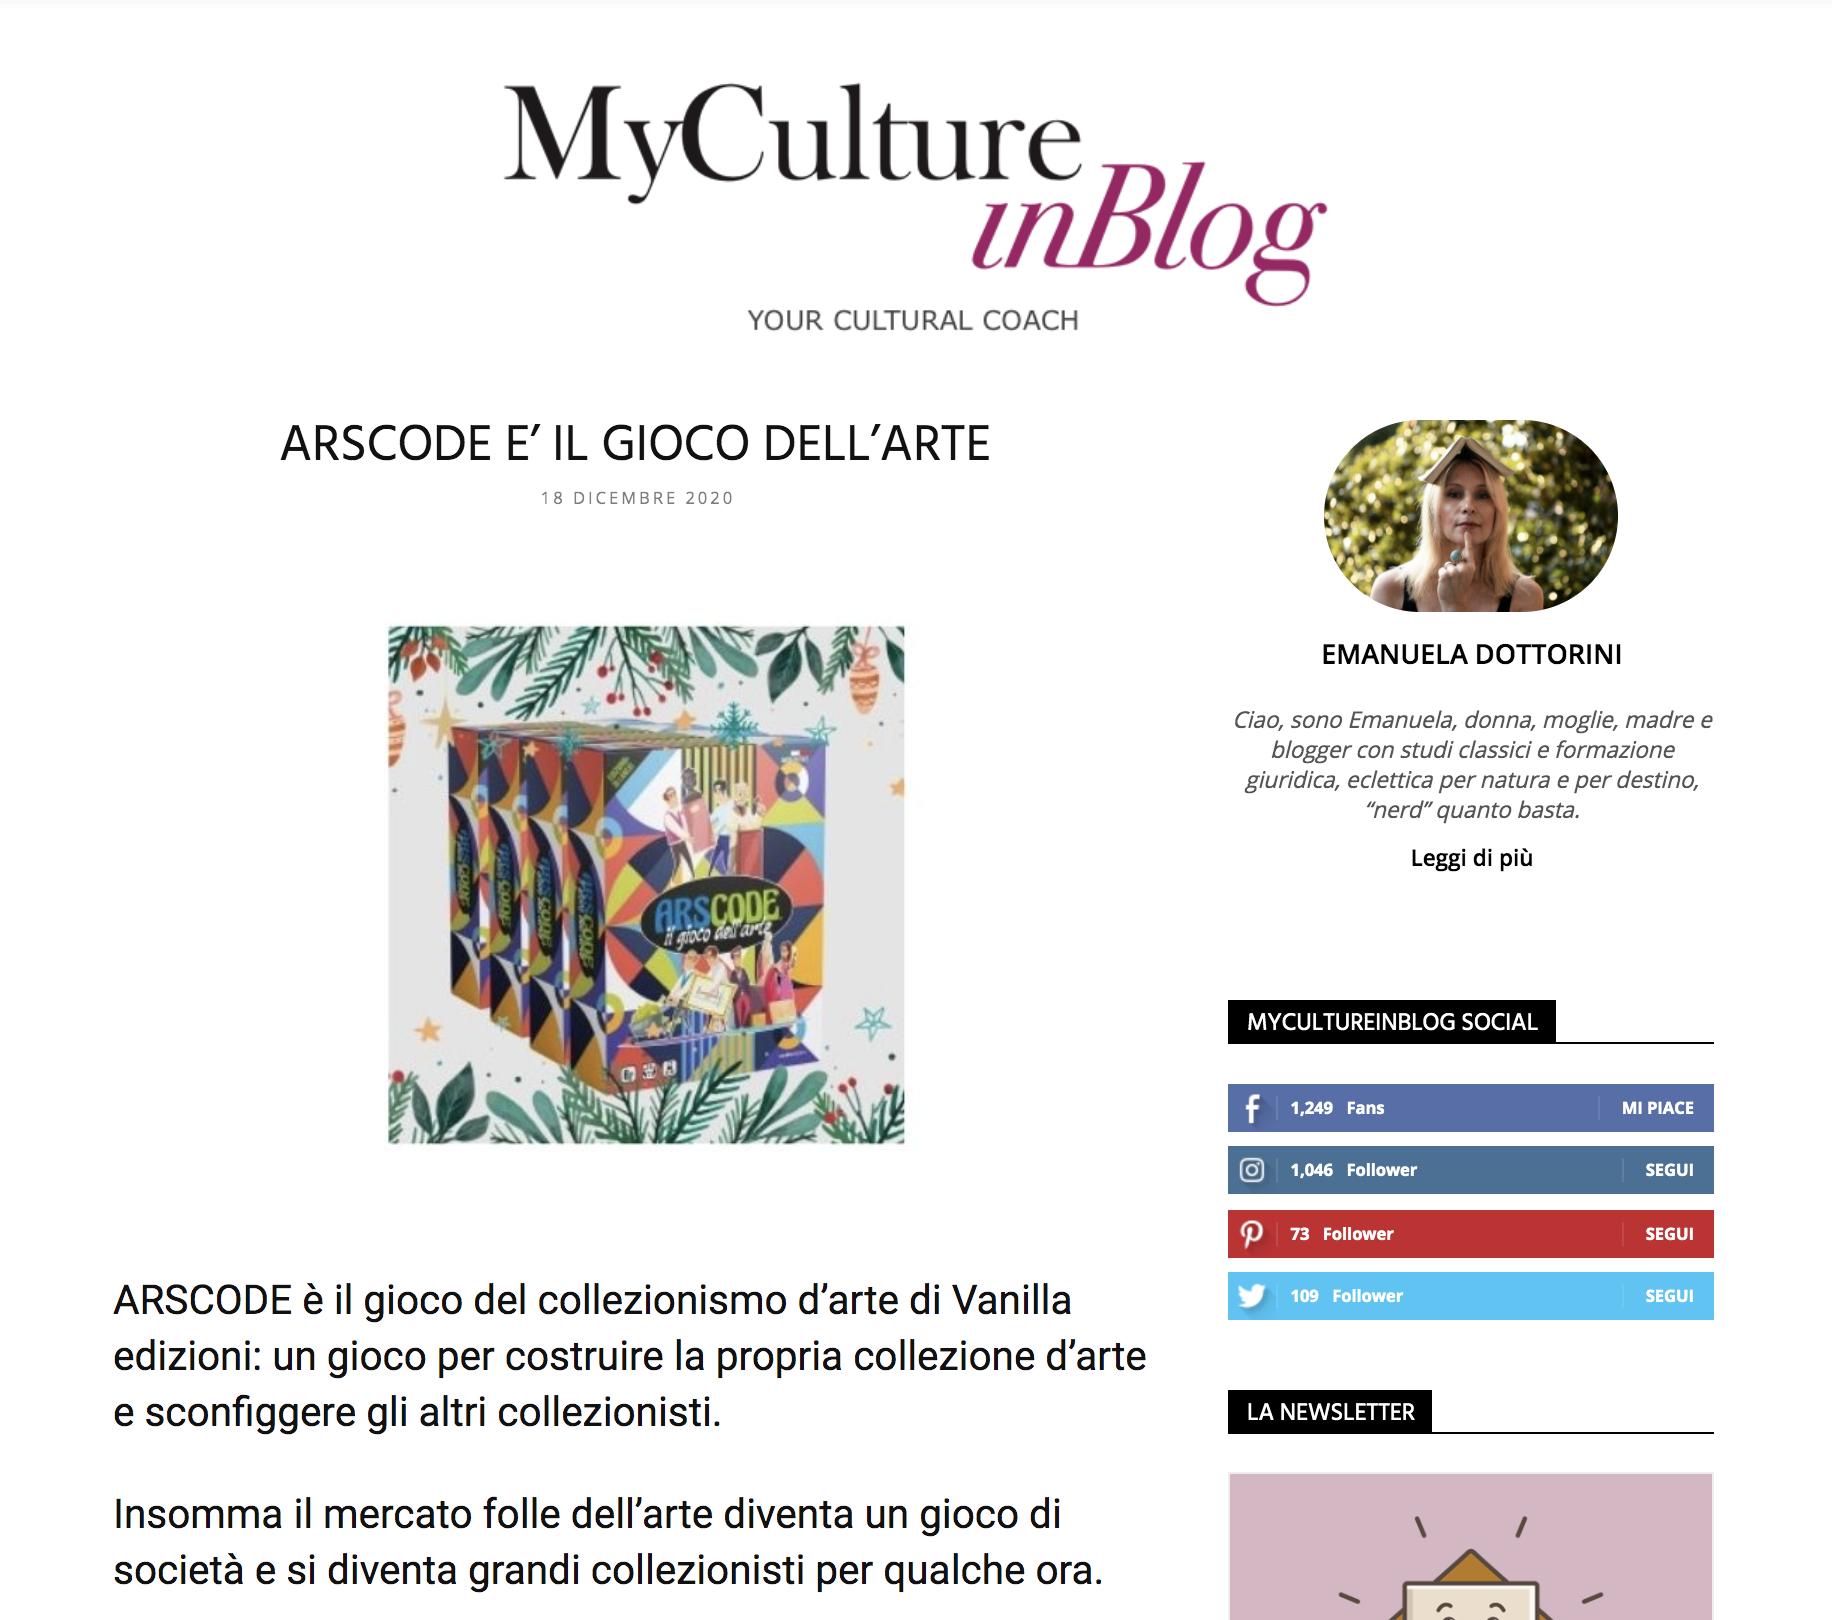 ARSCODE È IL GIOCO DELL'ARTE | My Culture in Blog